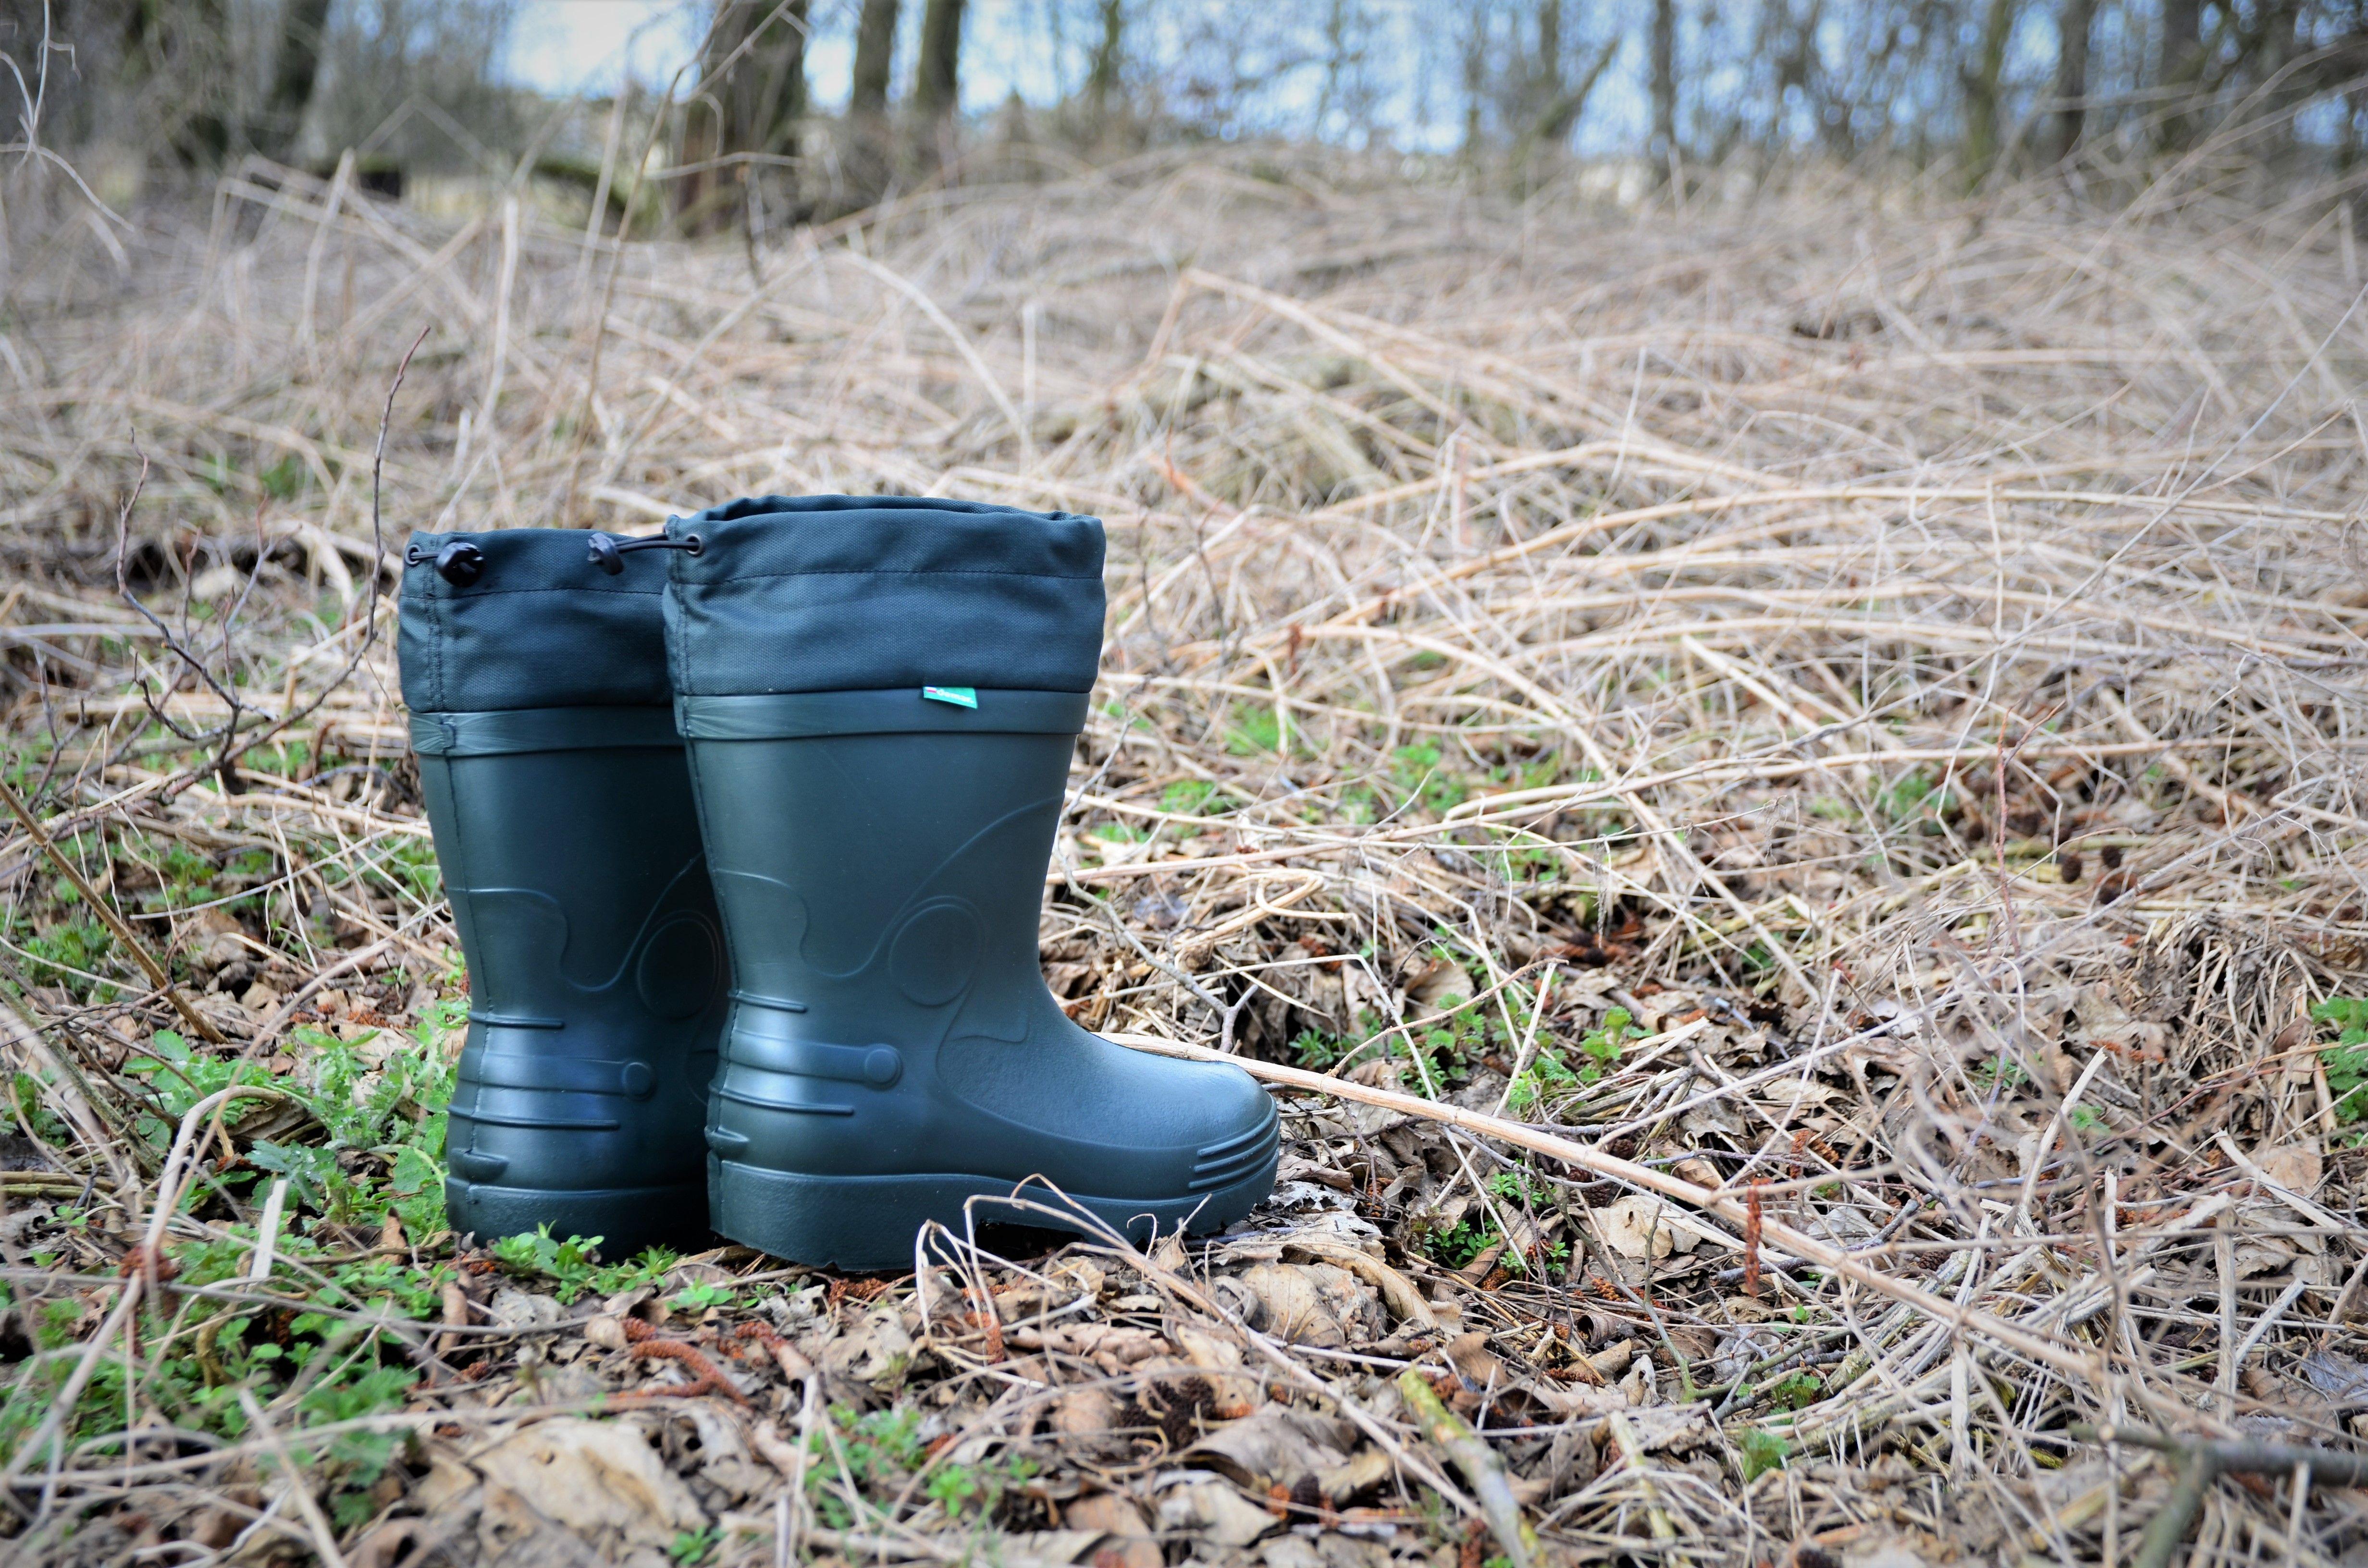 Stojac Przed Wysokimi Trawami Chaszczami Czy Jak Je Tam Zwal Wiesz Ze Gdyby Nie Sciagacz W Butach Sam Do Domu Bys Nie W Rubber Rain Boots Rain Boots Boots